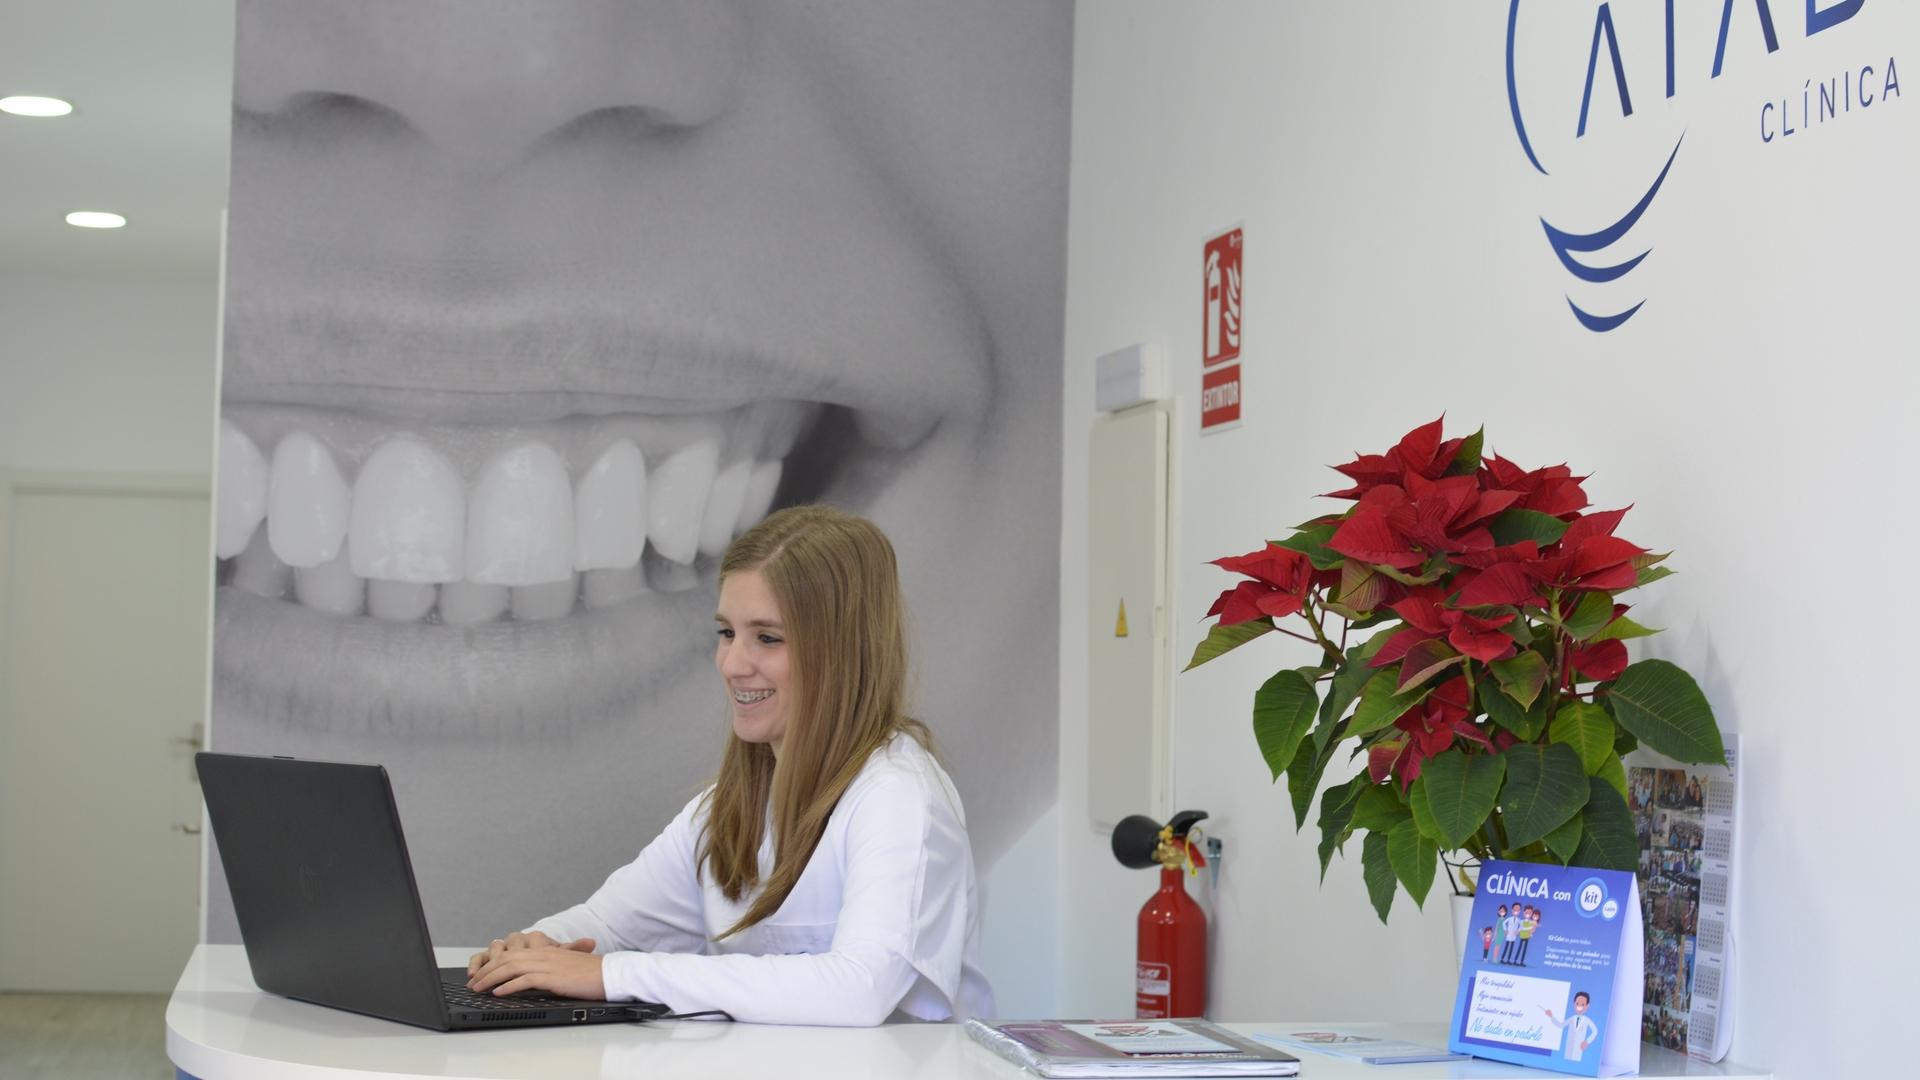 Odontología de precisión y tratamientos dentales sin dolor en Málaga.